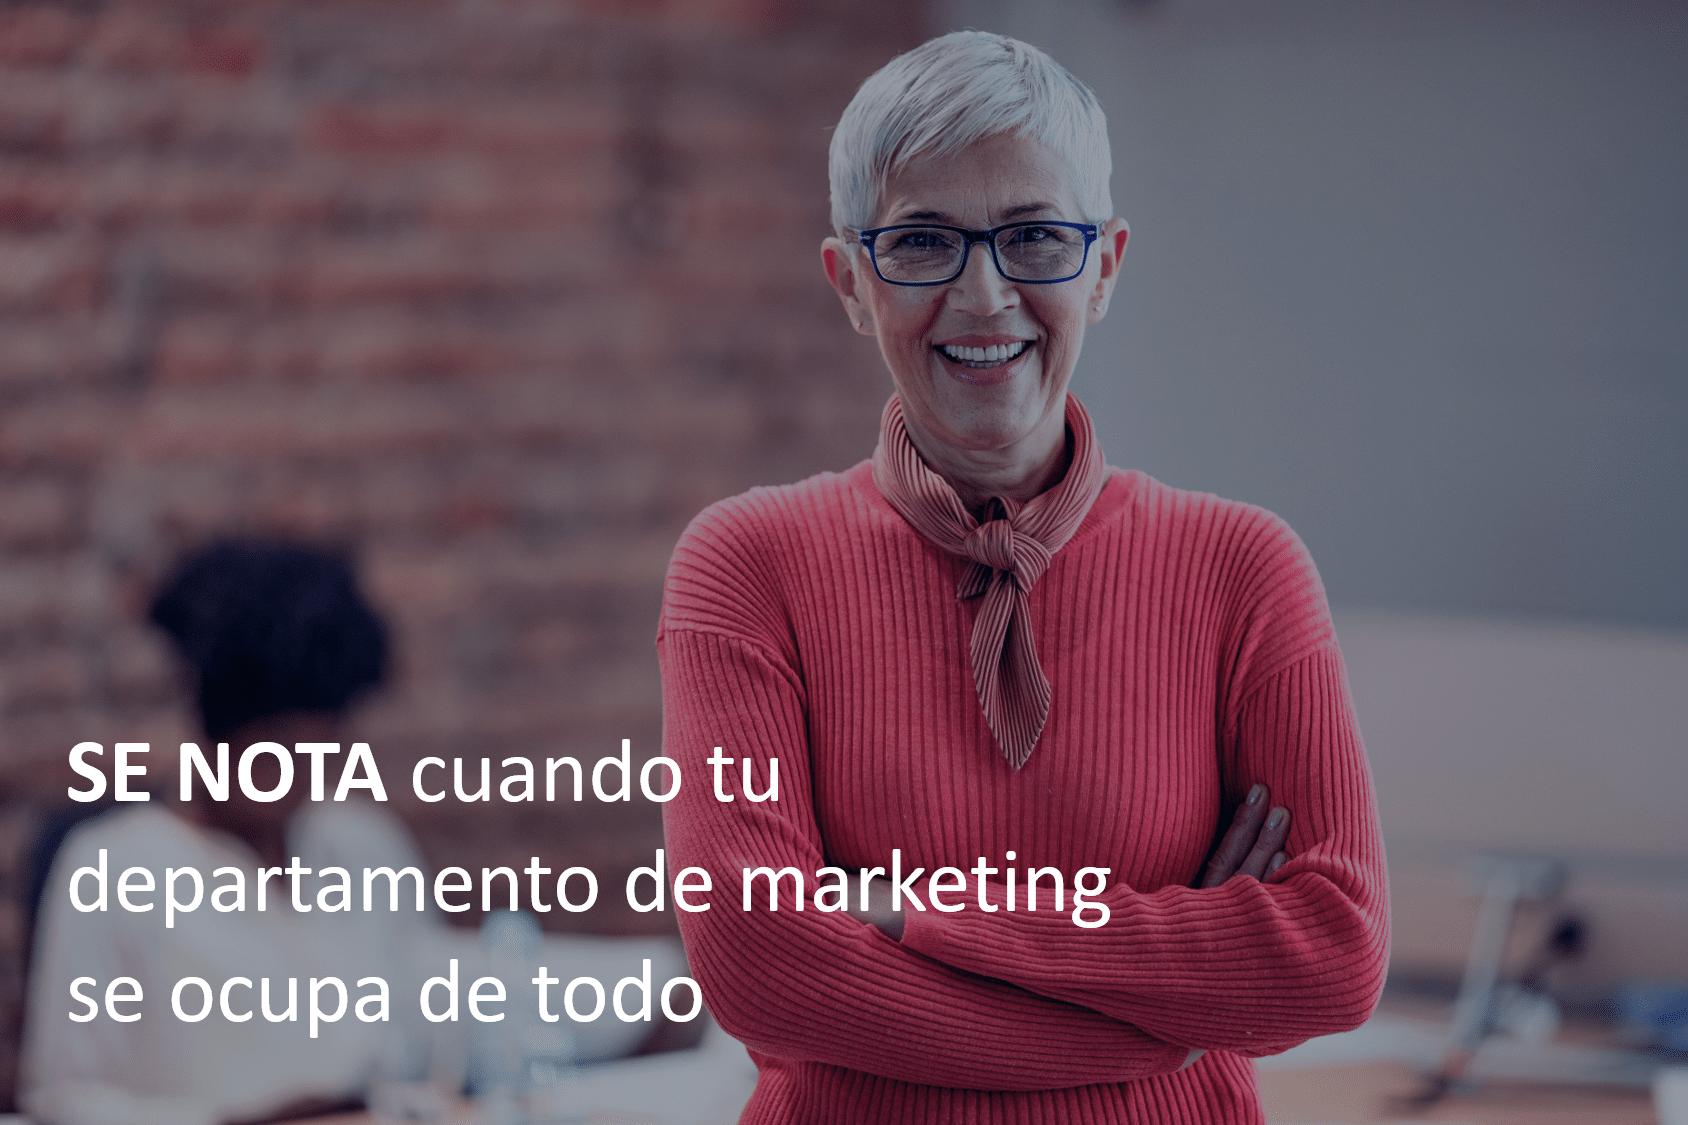 Outsourcing de marketing imagen contacto